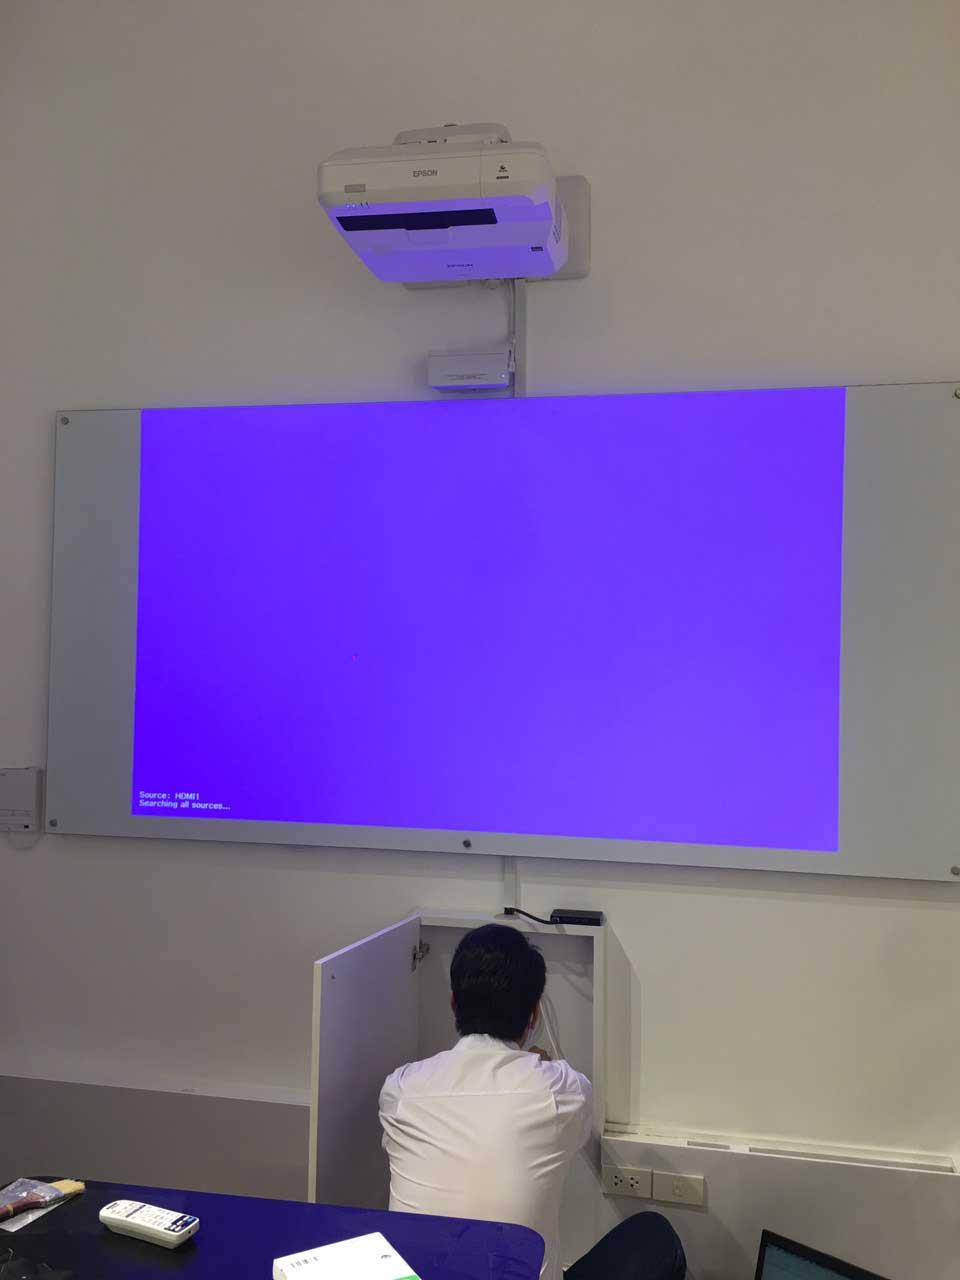 Máy chiếu tích hợp tương tác thông minh Epson EB-1470Ui